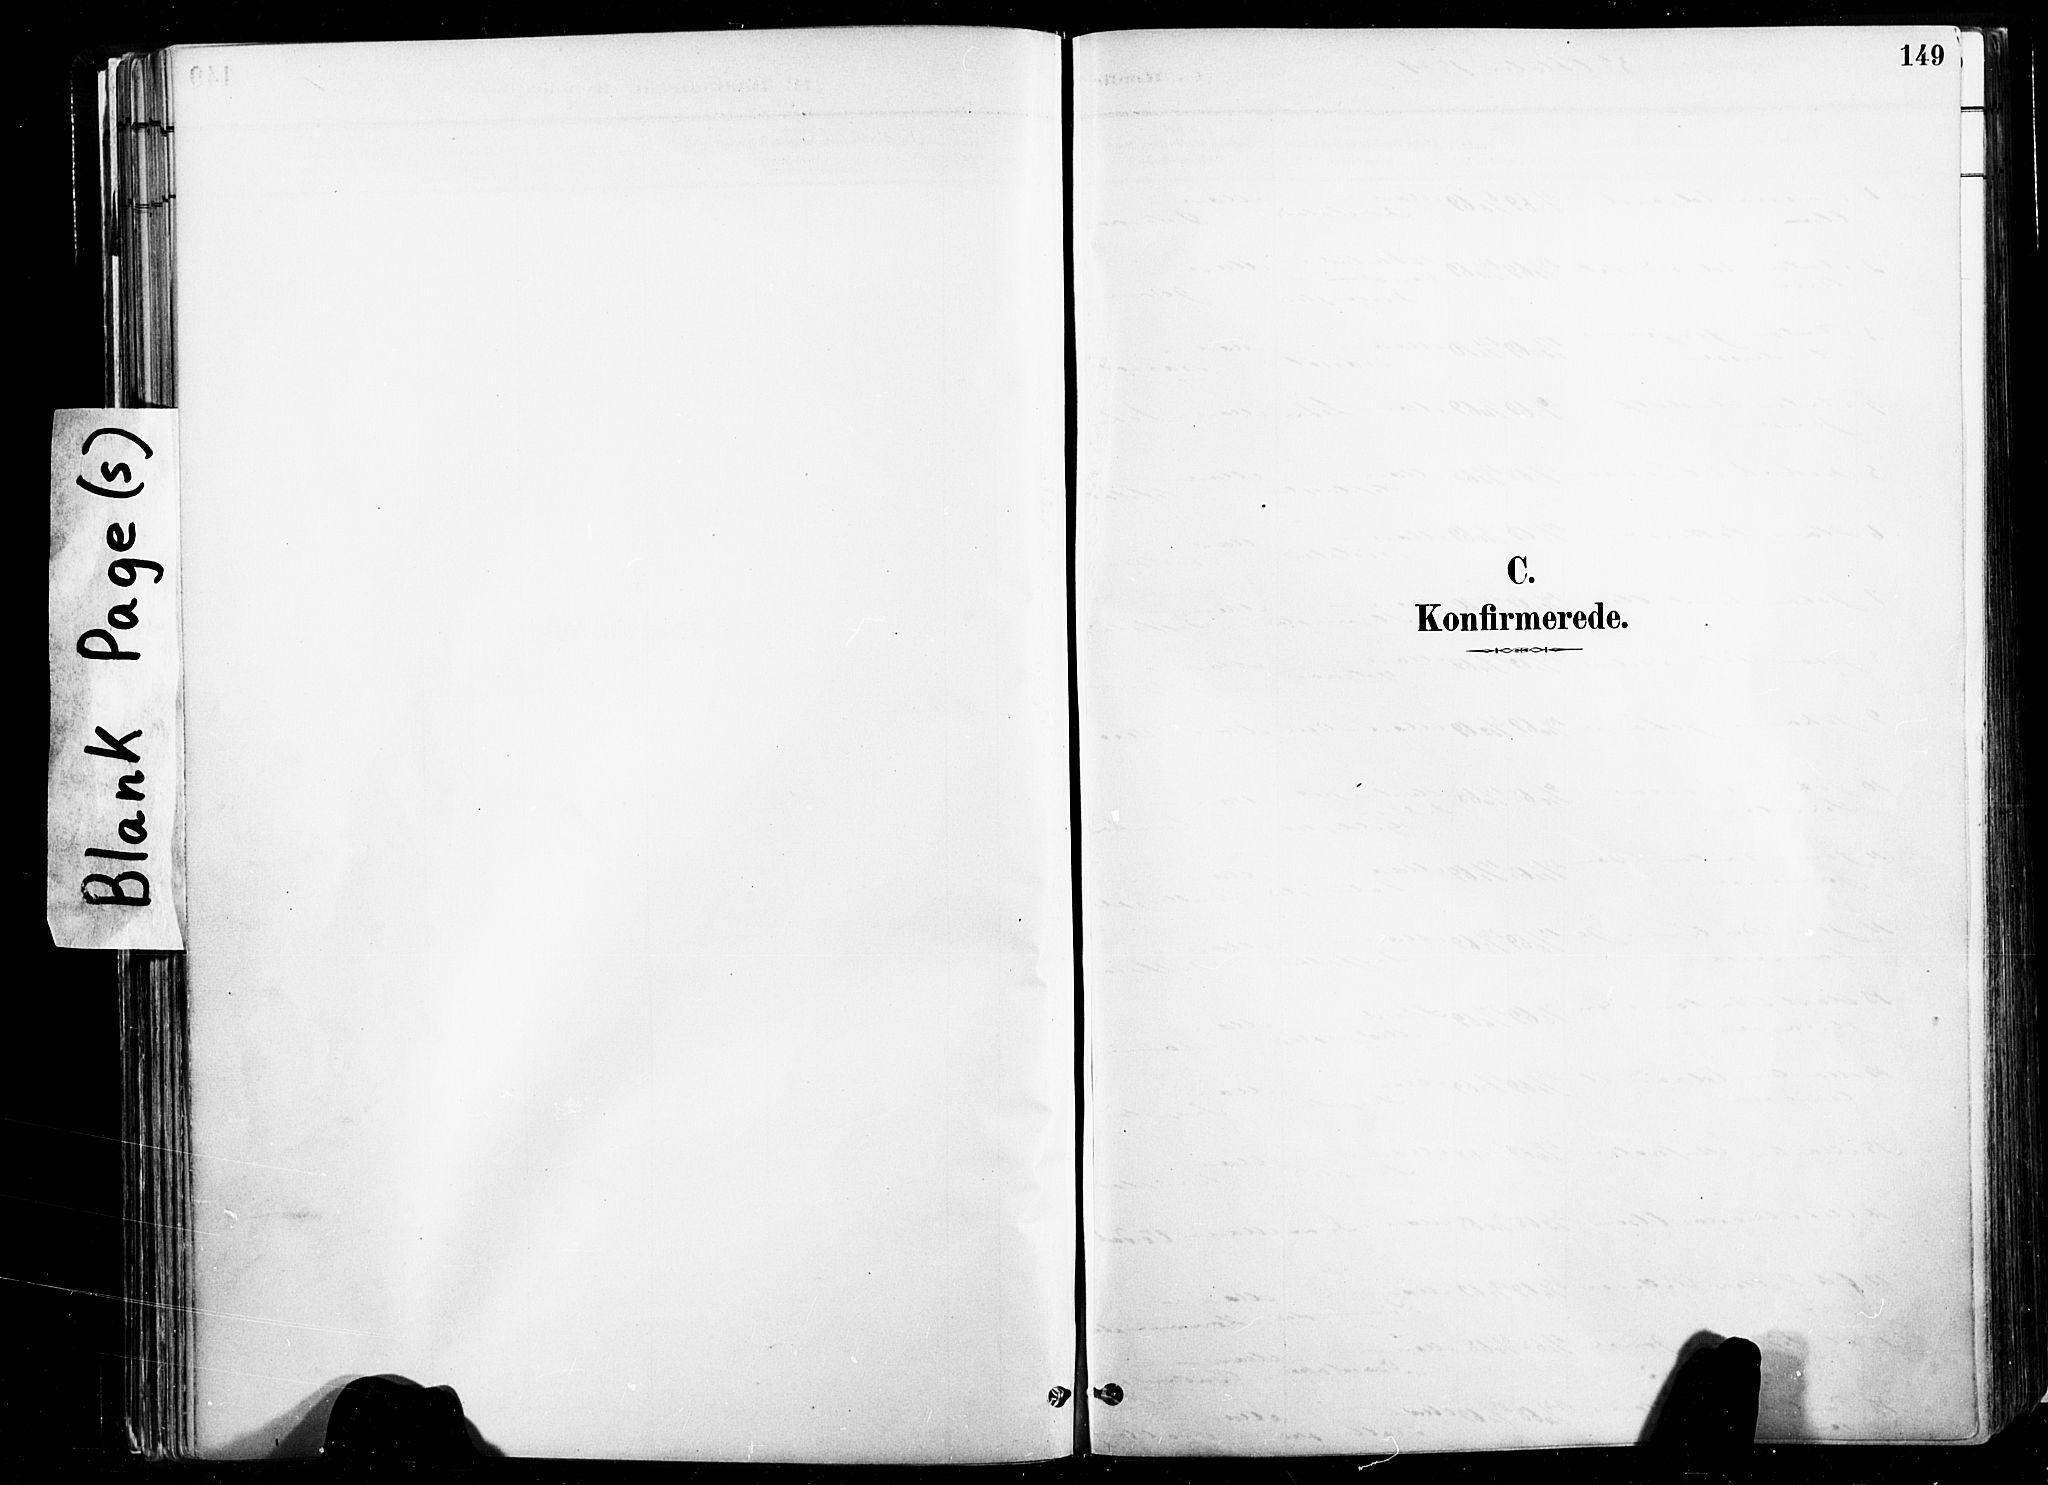 SAT, Ministerialprotokoller, klokkerbøker og fødselsregistre - Nord-Trøndelag, 735/L0351: Ministerialbok nr. 735A10, 1884-1908, s. 149